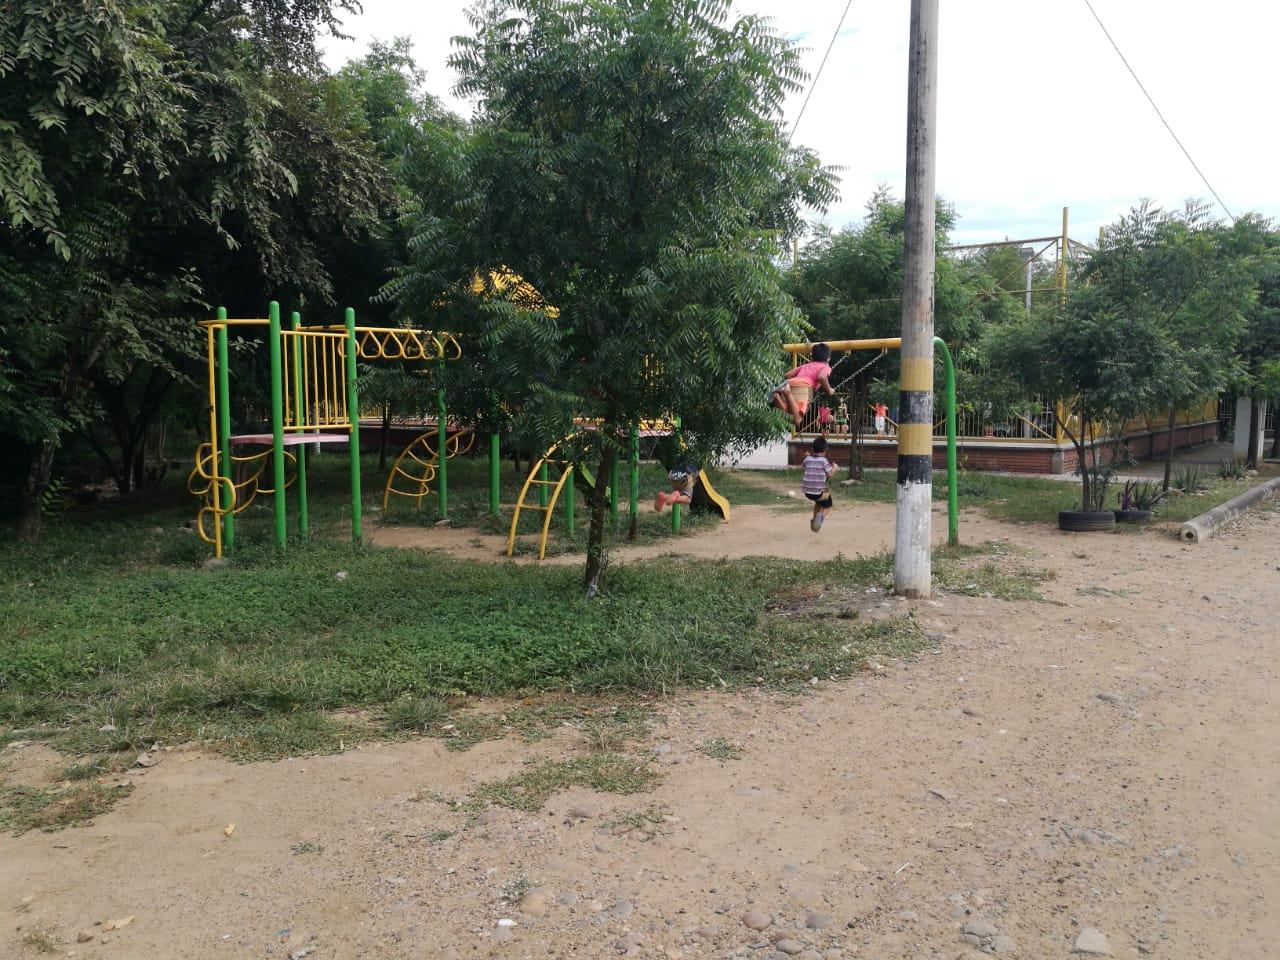 Los habitantes pidieron a las autoridades realizar más patrullajes en este sector, según ellos, el abandono de las zonas verdes propicia el consumo de droga.